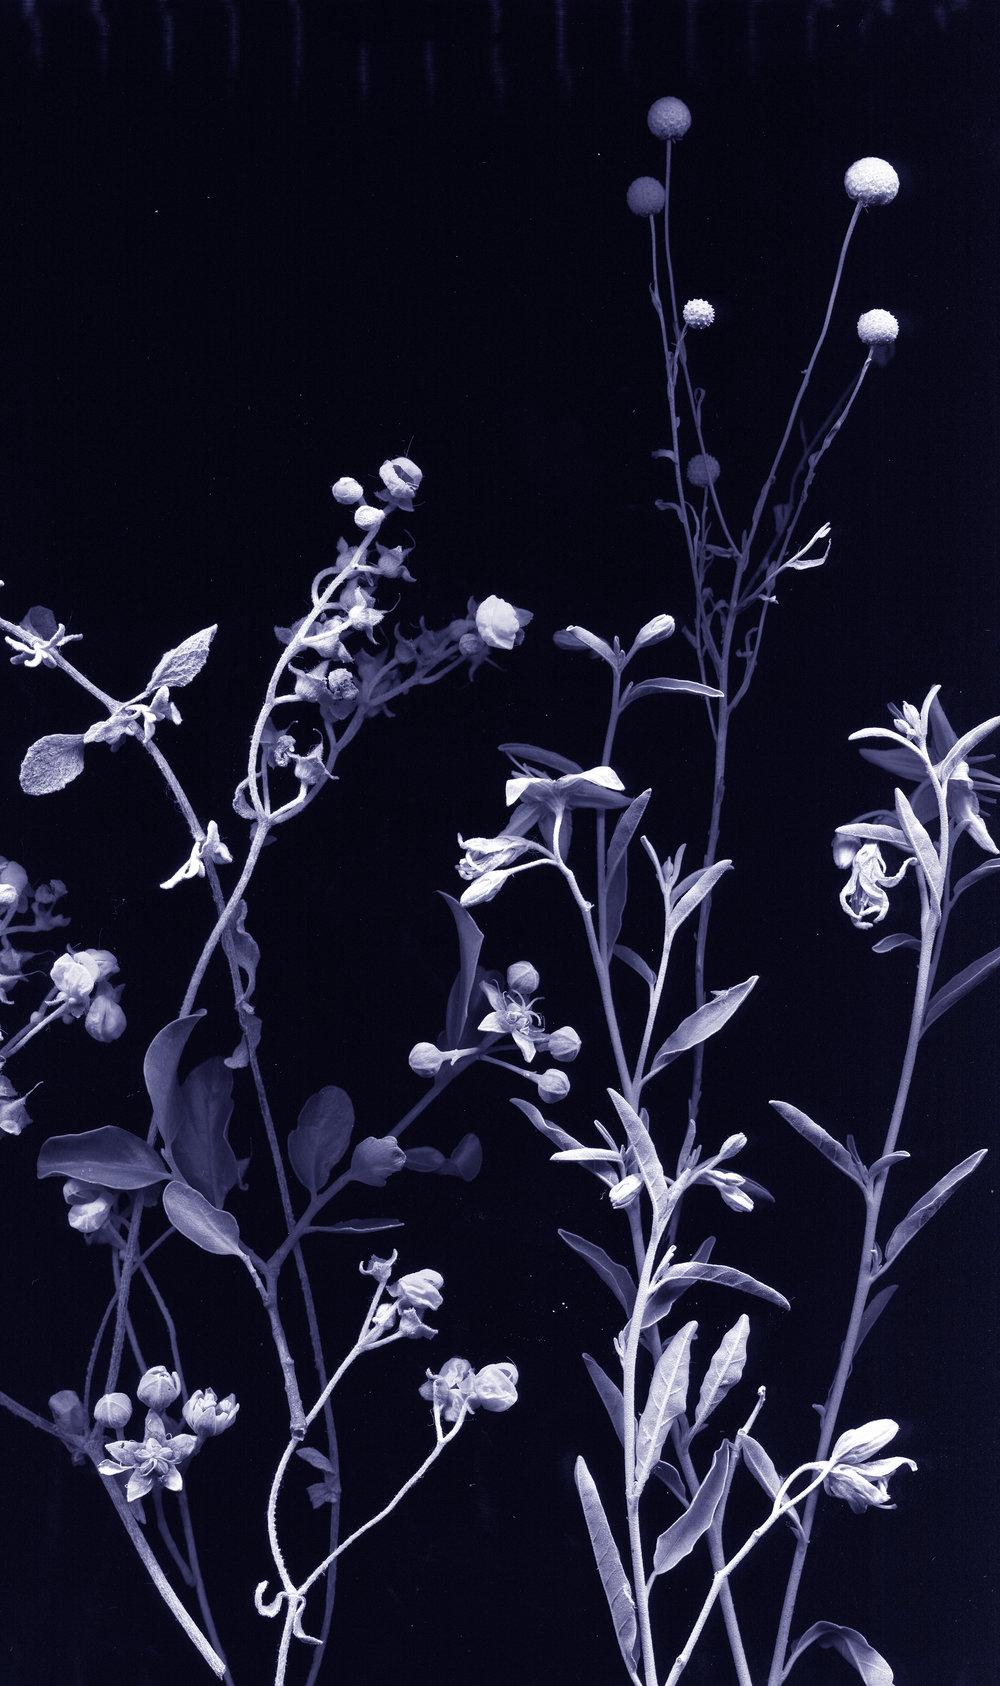 WeiXin Chong | flores nativias .1, 2017